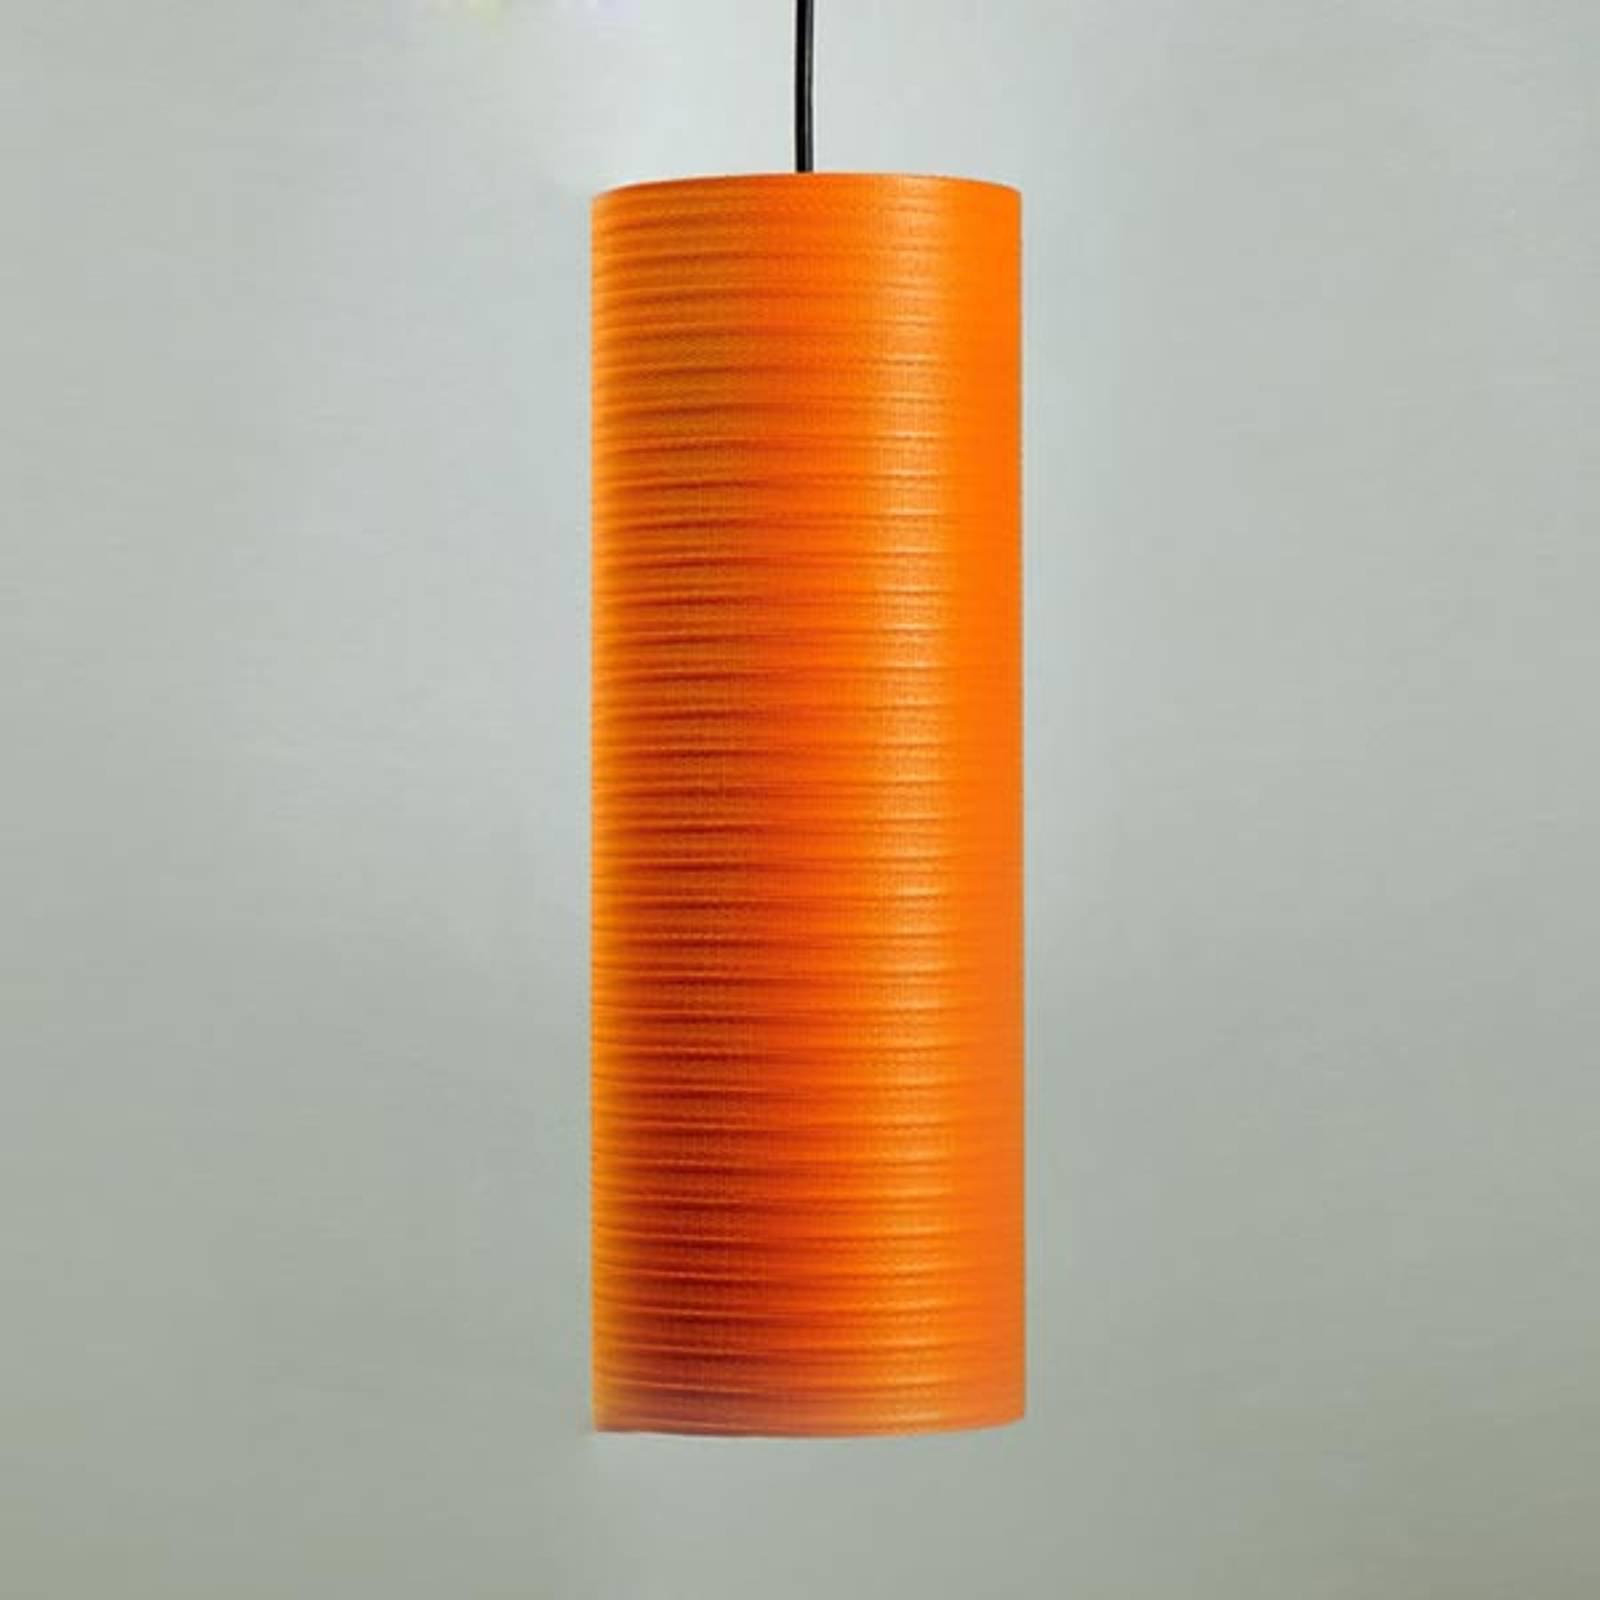 Tube pendellampe, 30 cm, oransje